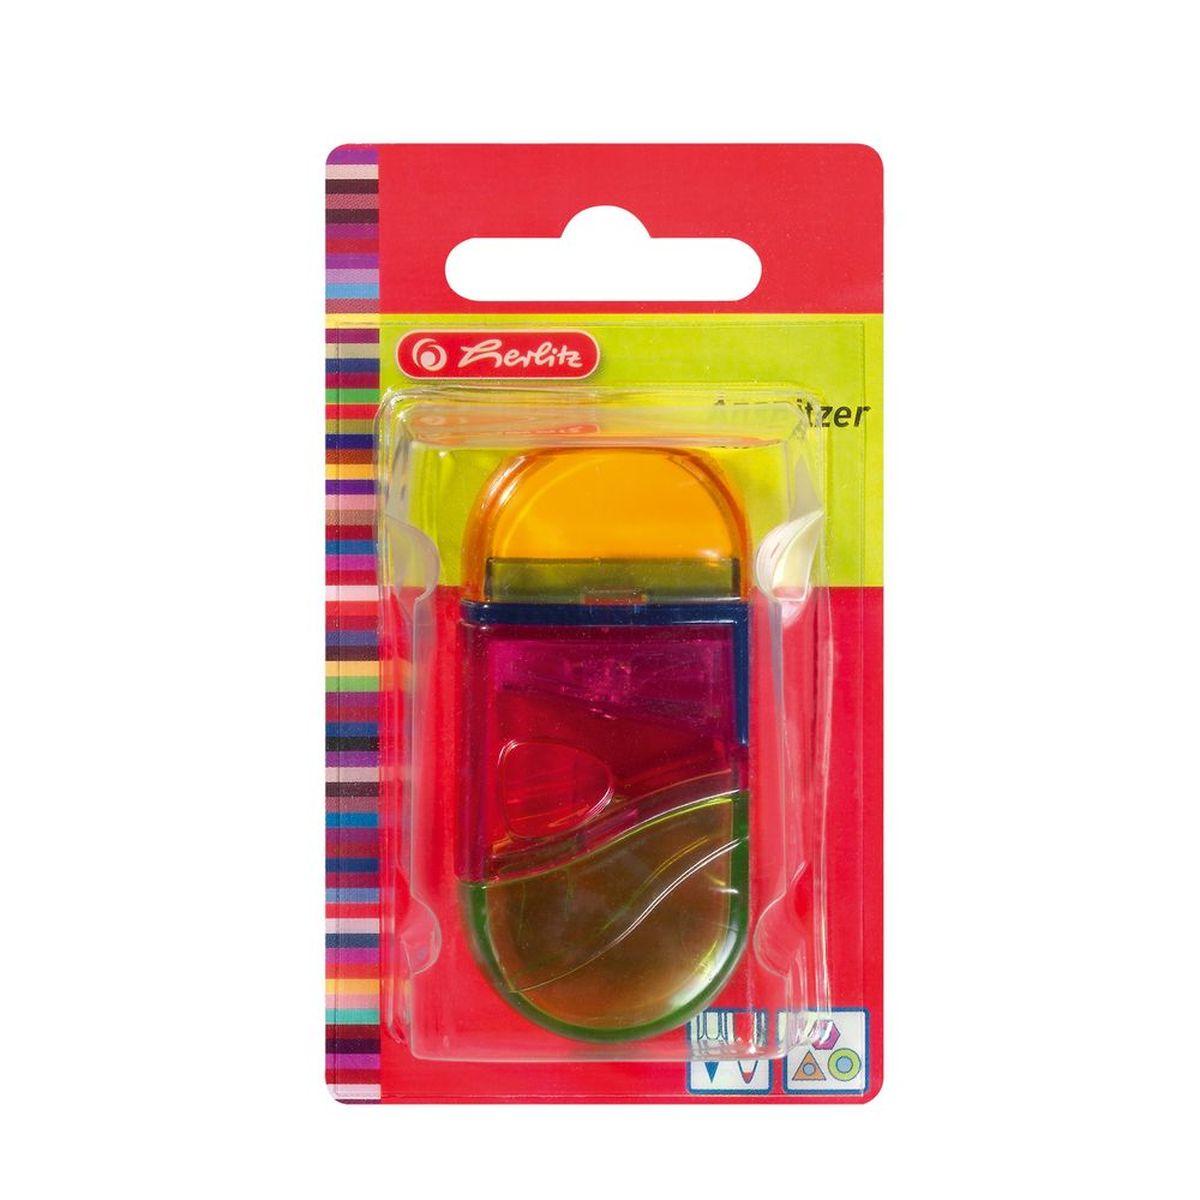 Herlitz Точилка с контейнером и ластиком цвет оранжевый розовый зеленый2250519 K-L03 SoftieFlexТочилка Herlitz - качественная простая точилка с контейнером для стружек и ластиком. Выполнена в прозрачном пластиковом корпусе и предназначена для заточки карандашей диаметром 8 мм. Металлическое лезвие высокого качества быстро заточит любой карандаш. Ластик изготовлен из термопластичного каучука и хорошо стирает линии.Такой набор от Herlitz будет помощником для вас в любом проектном или учебном деле.